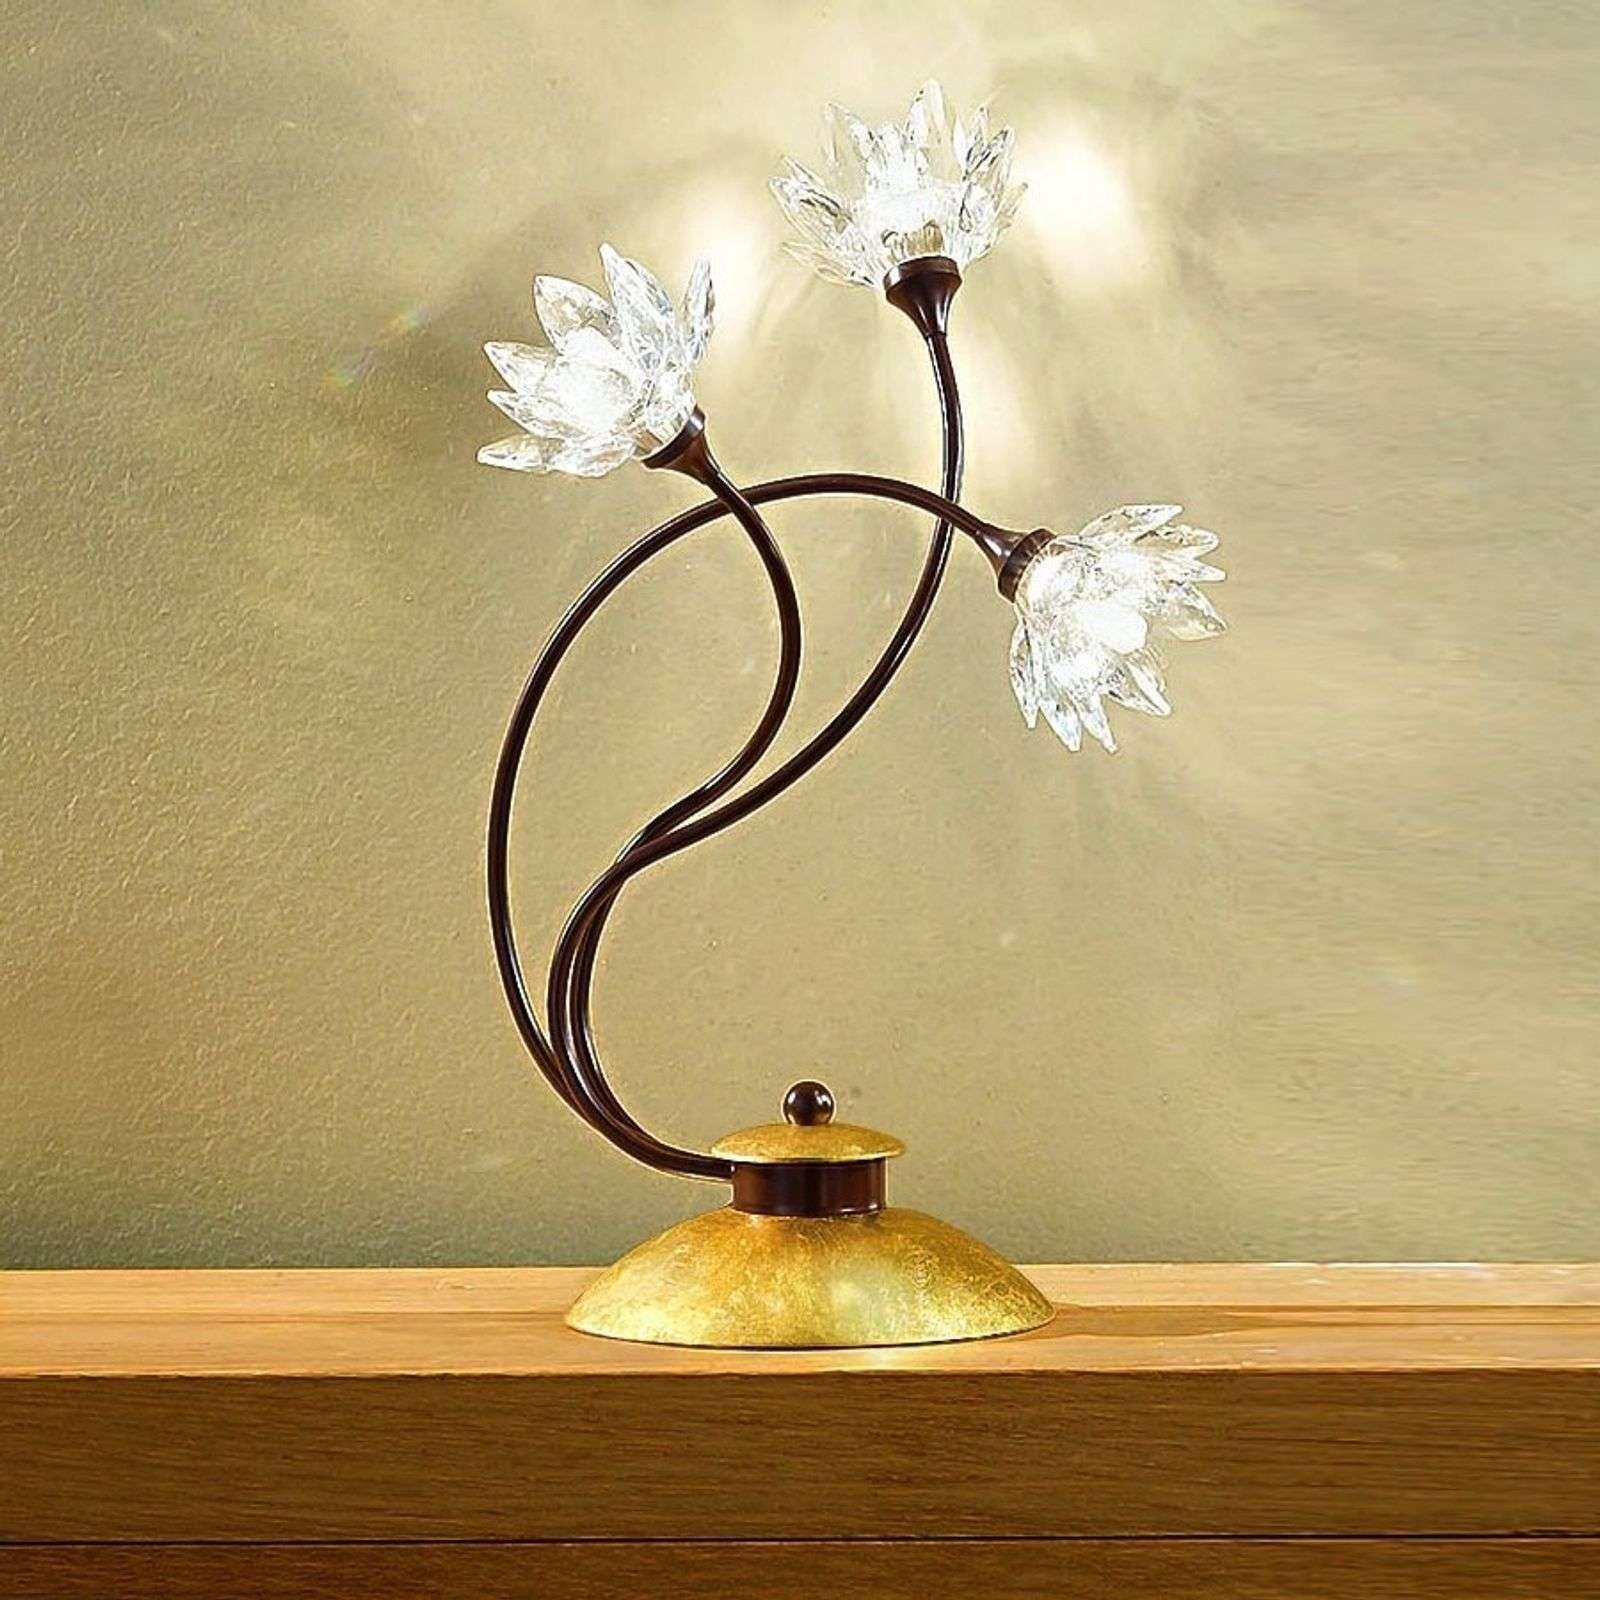 Tischleuchte Fiorella Klar Tischleuchte Lampen Und Tischlampen